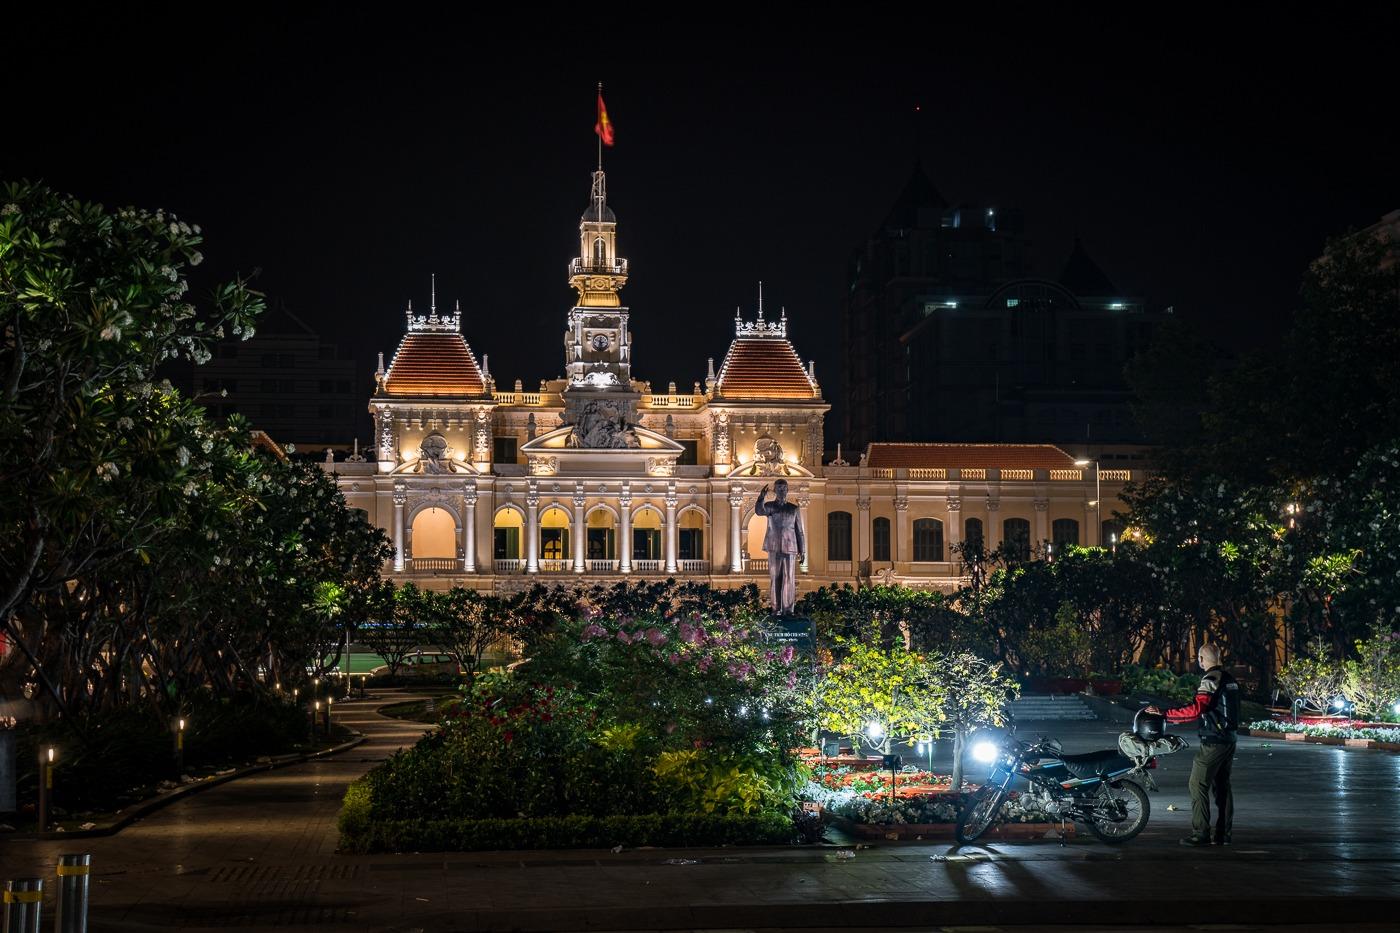 Ho Chi Minh City Hall - Saigon City Hall